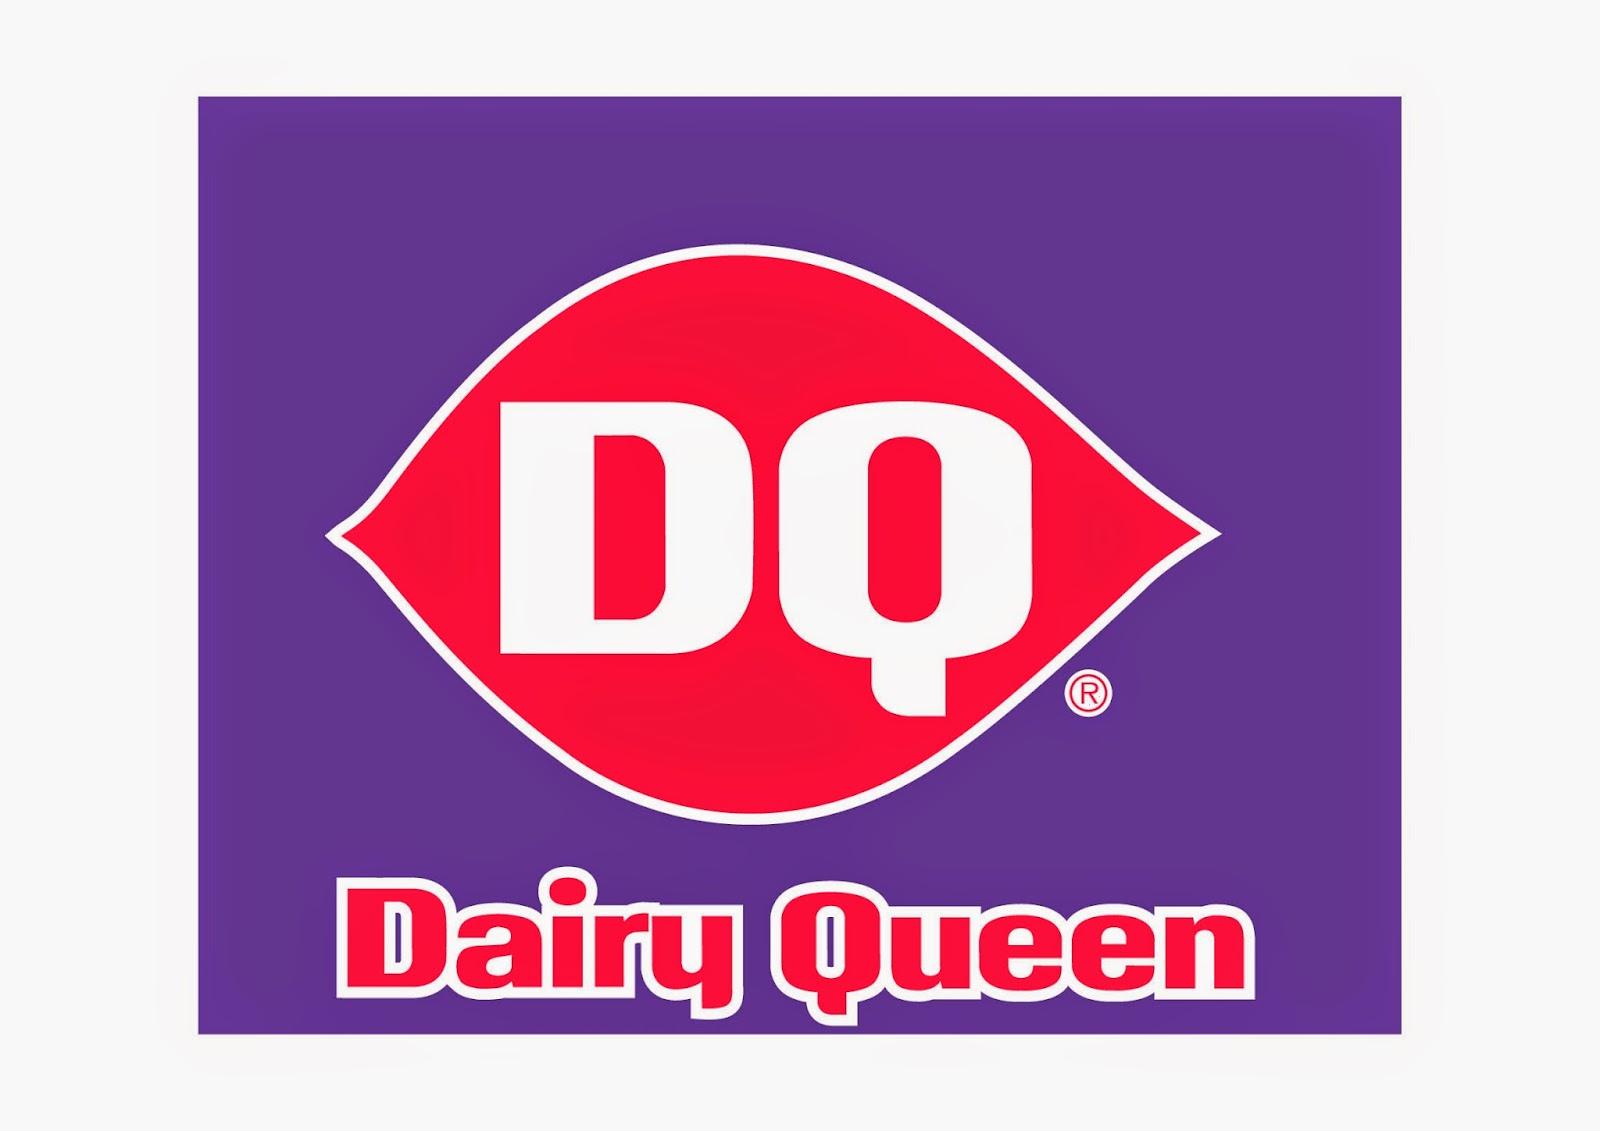 งาน part time, part time ร้านไอศครีม, part timeแดรี่ควีน, dairy queen